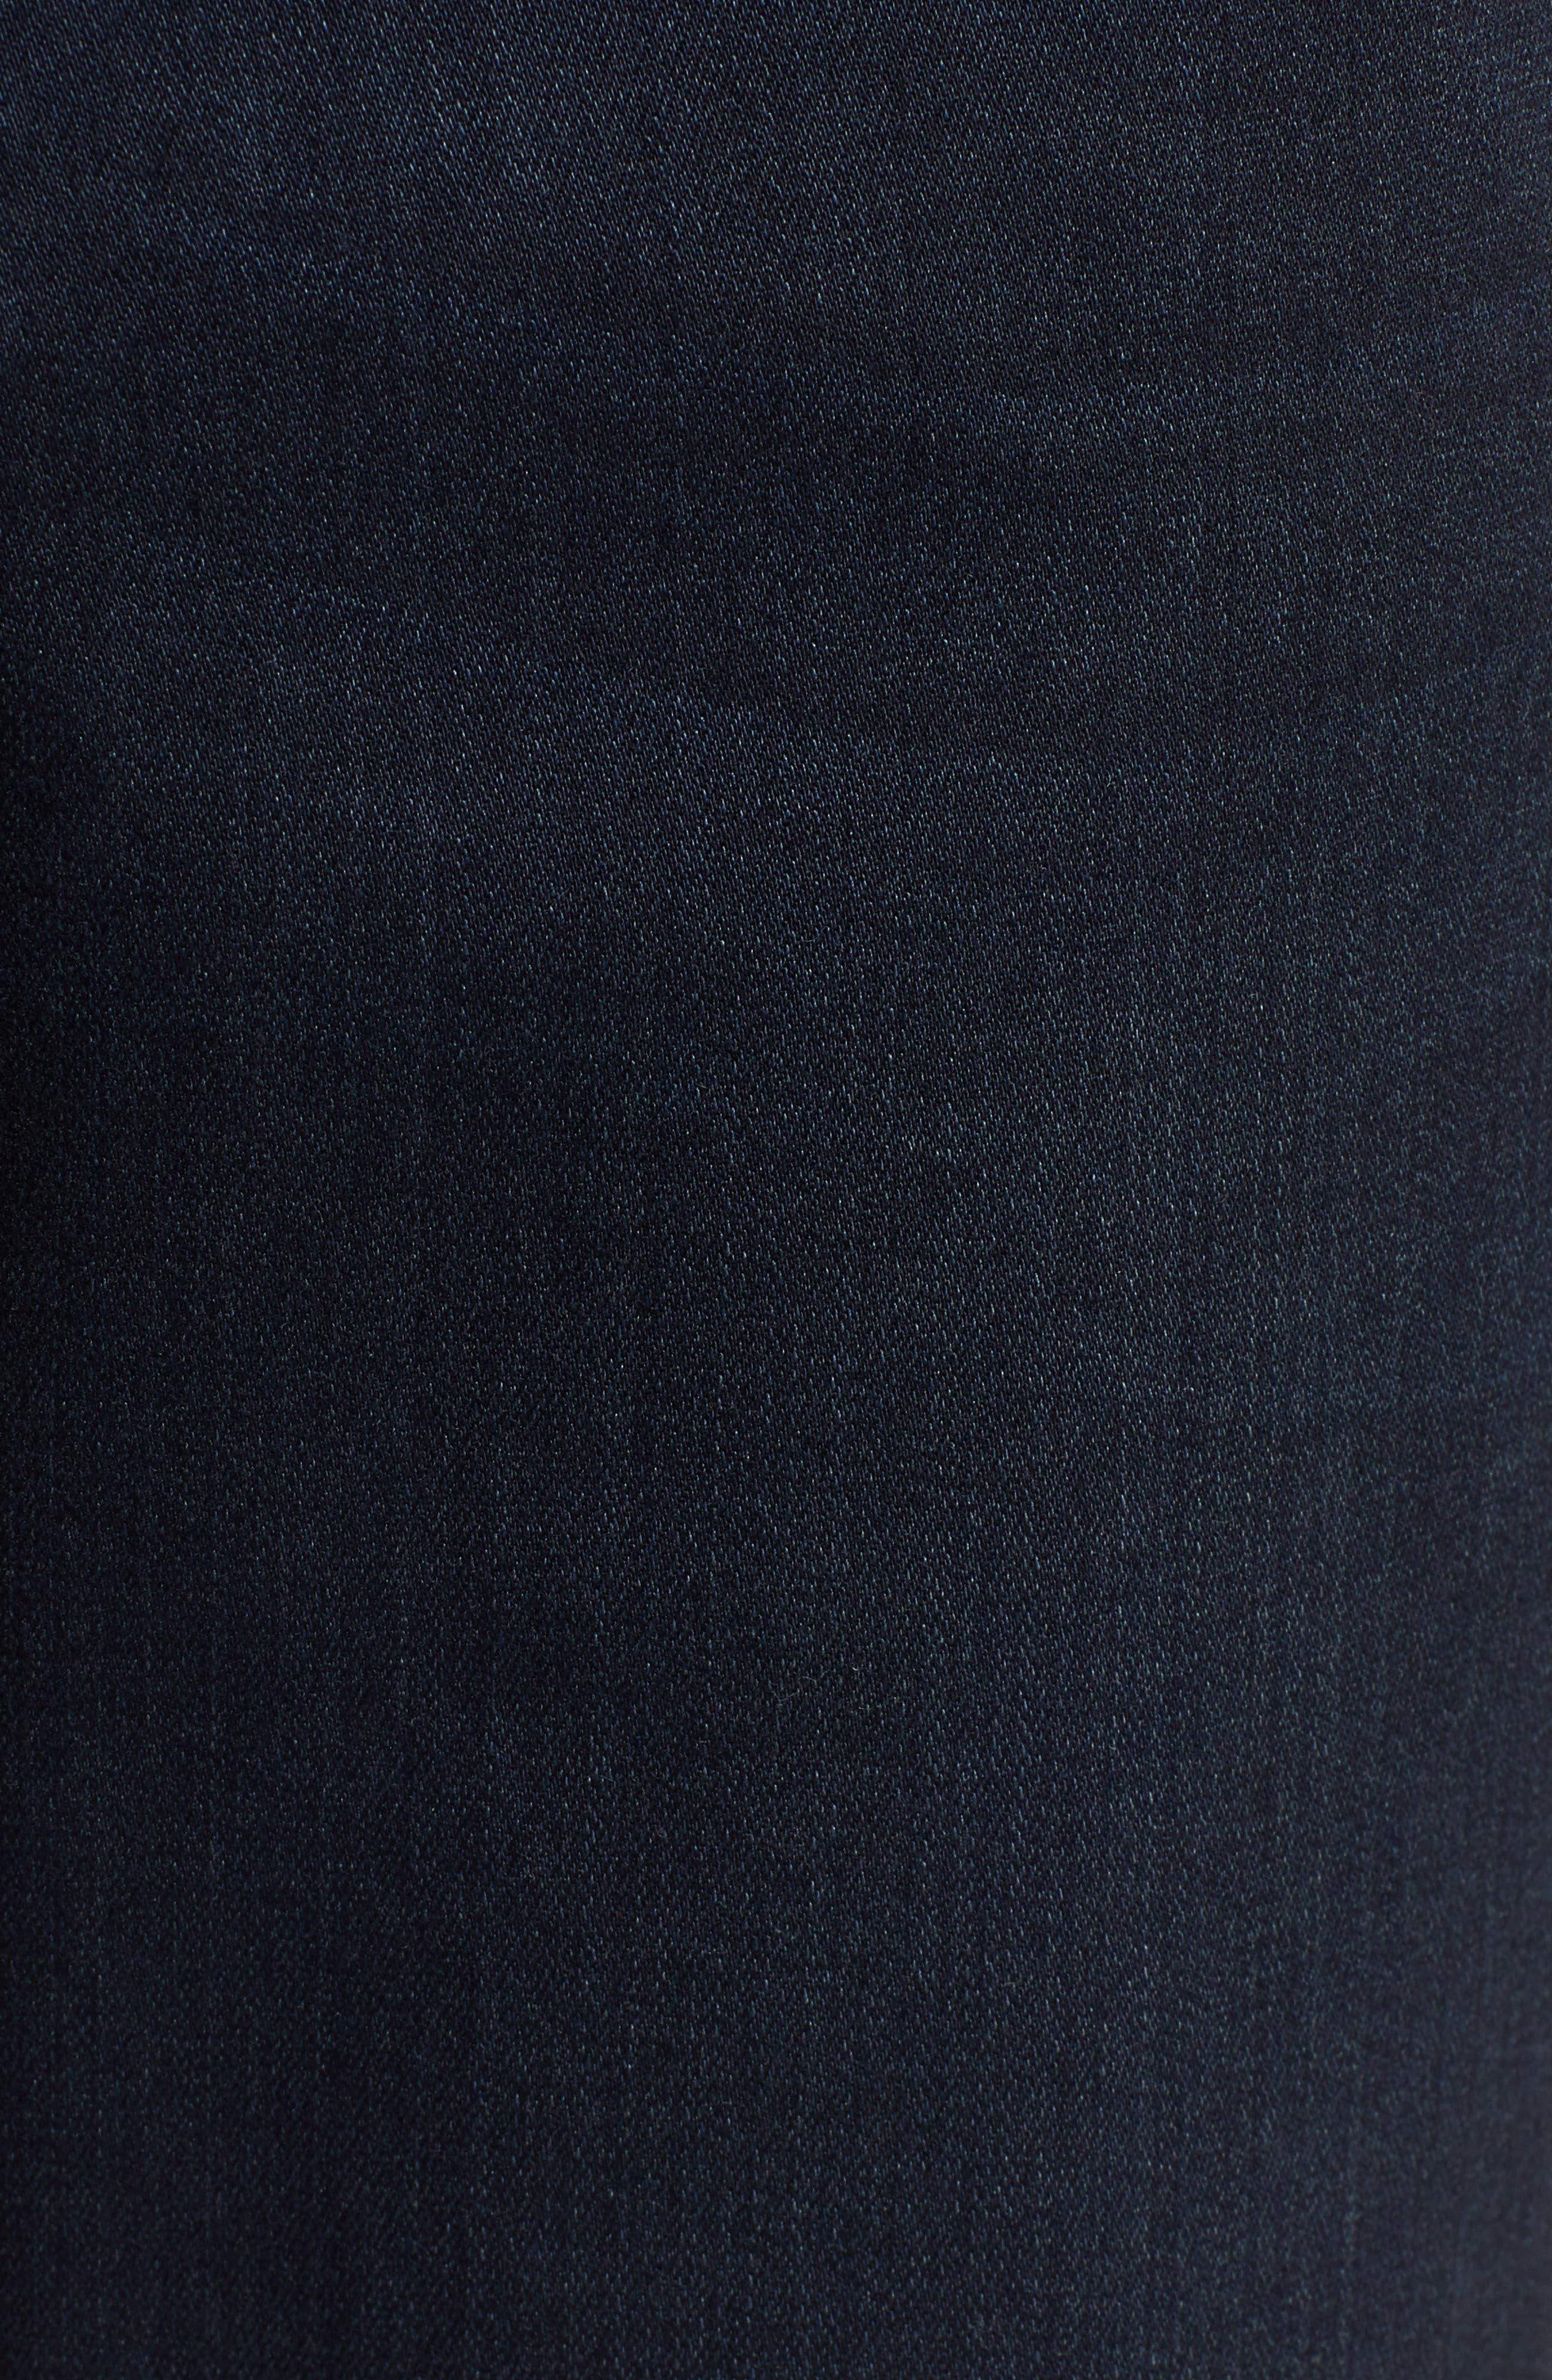 PAIGE, Transcend – Lennox Slim Fit Jeans, Alternate thumbnail 6, color, DOMINIC